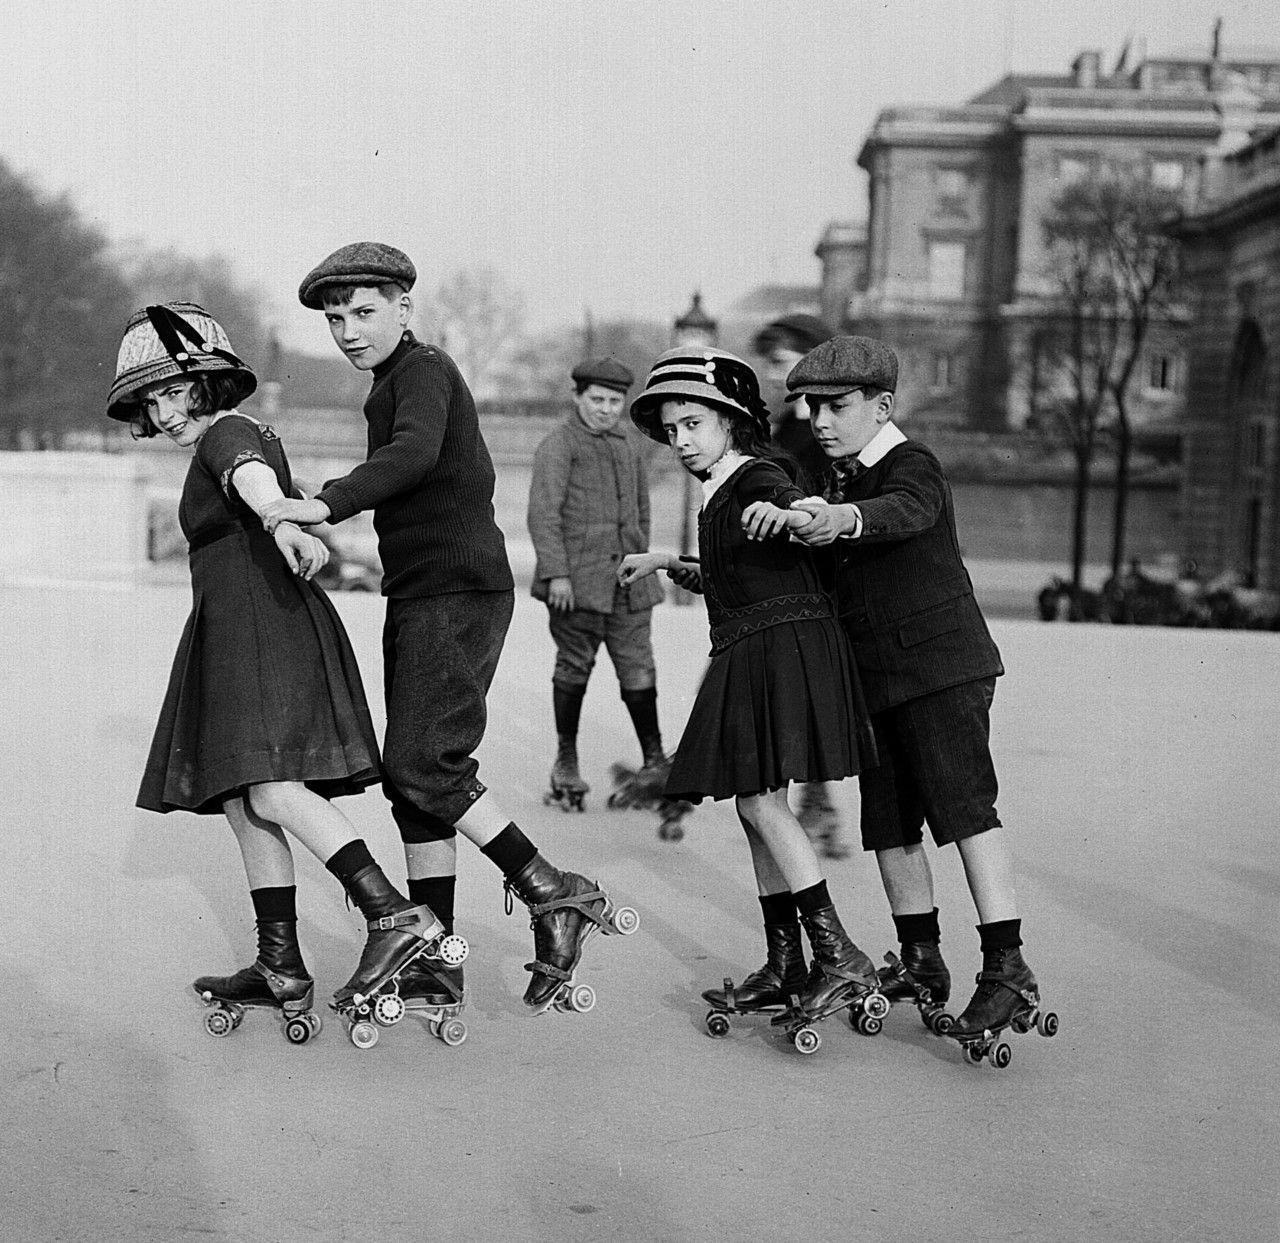 Roller skates vintage - Roller Skating 1910 Paris Les Champs D Elysee